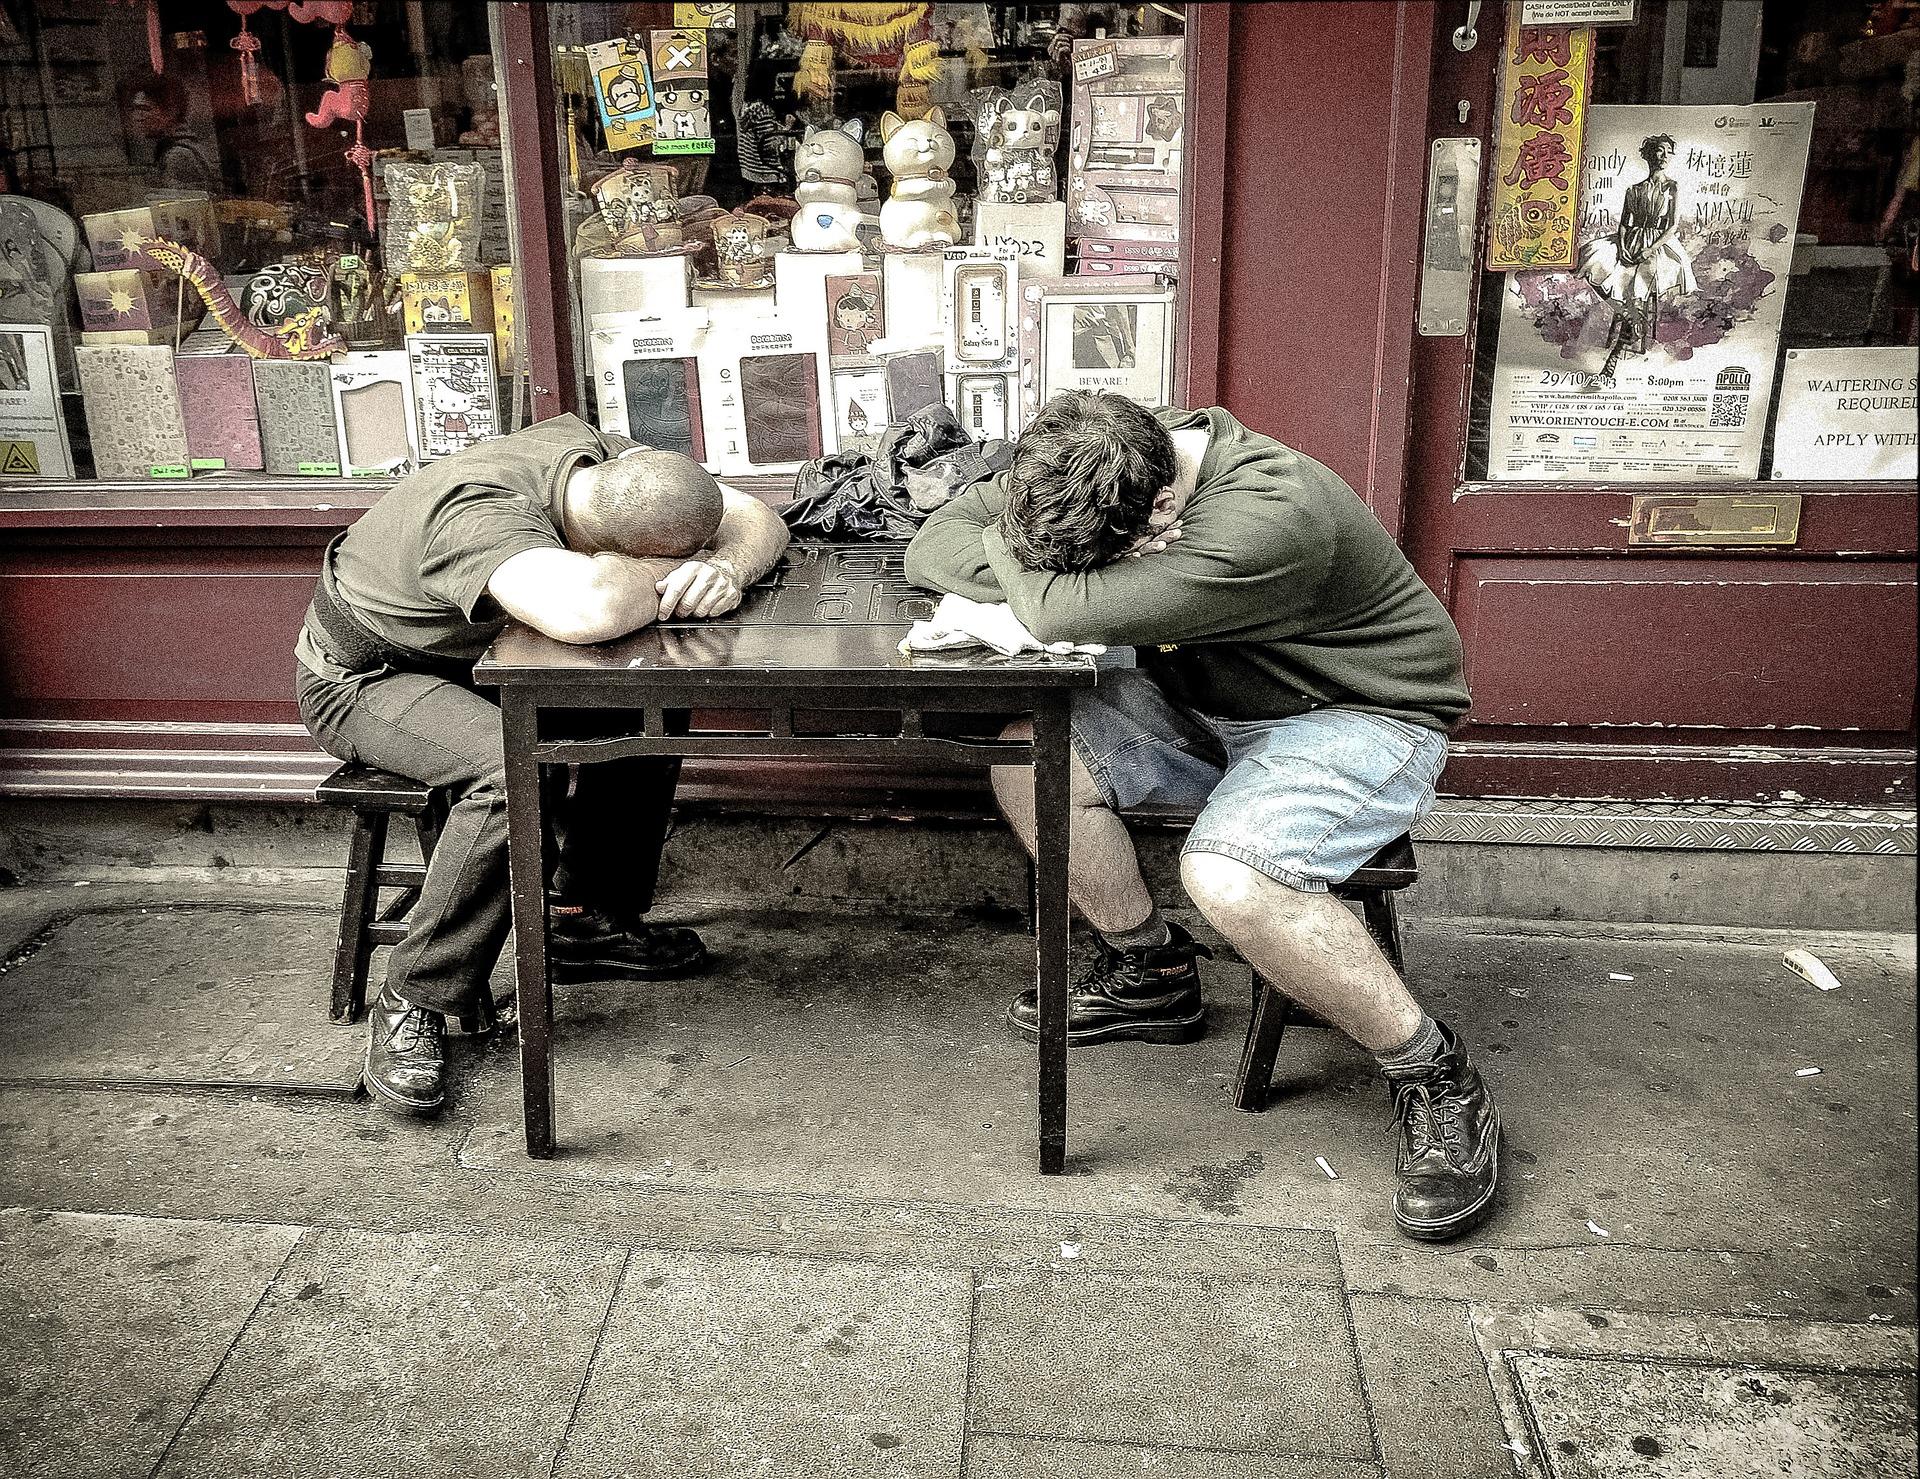 Ste vyčerpaní?